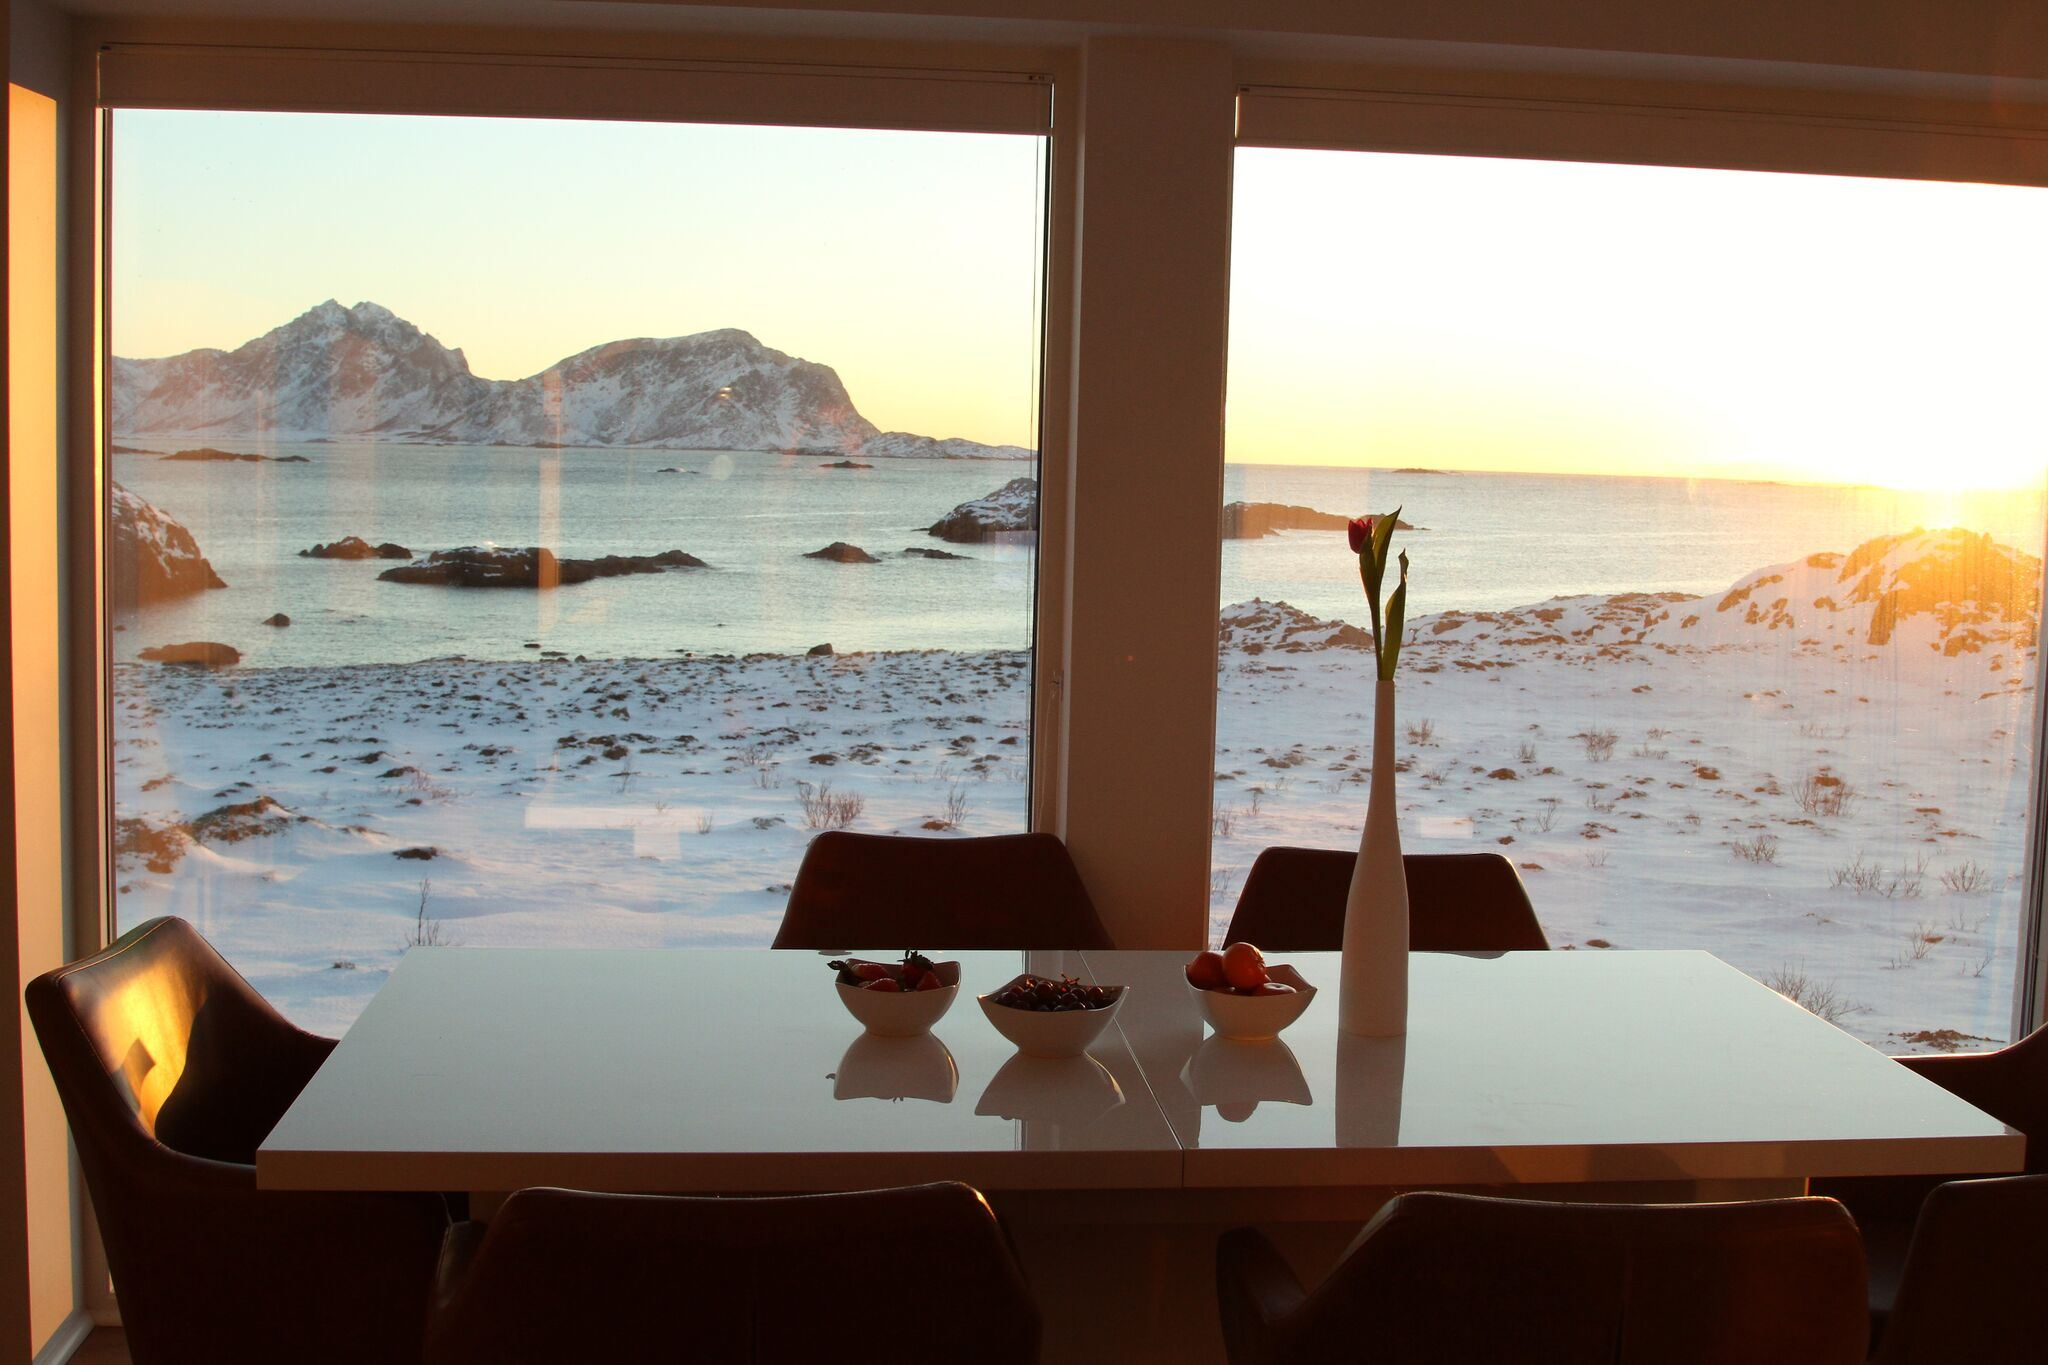 Huset på Skåltofta,  © Huset på Skåltofta, The house on Skåltofta - at Nyksund